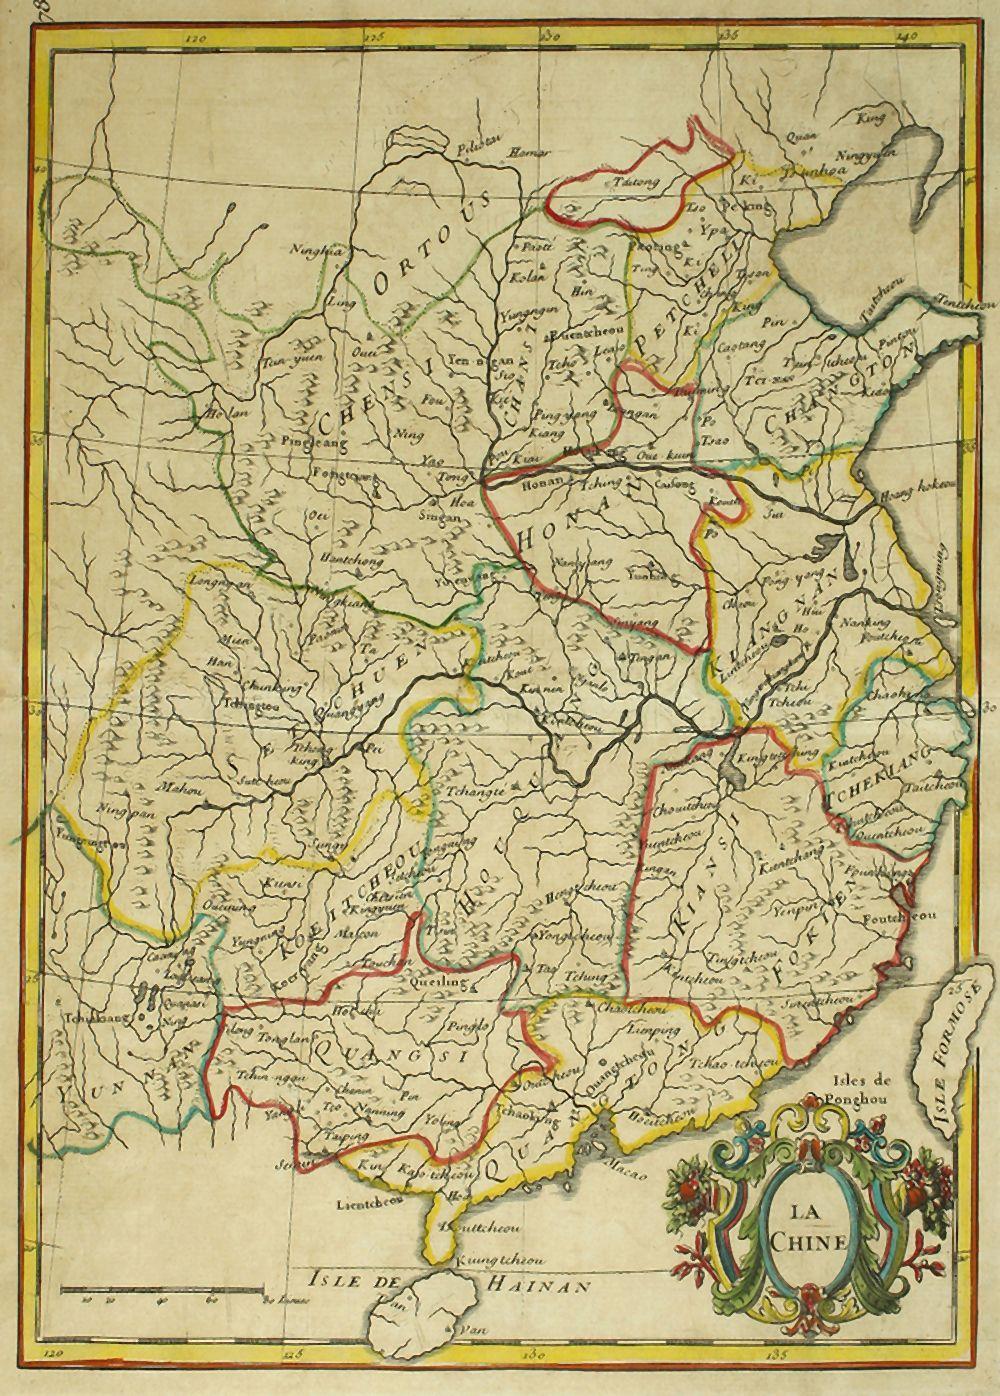 1780 ca. MAPA: (CHINA). LA CHINE. Calcografía. Plancha: 29 x 22 cm; Papel: 34 x 24 cm. Límites y car